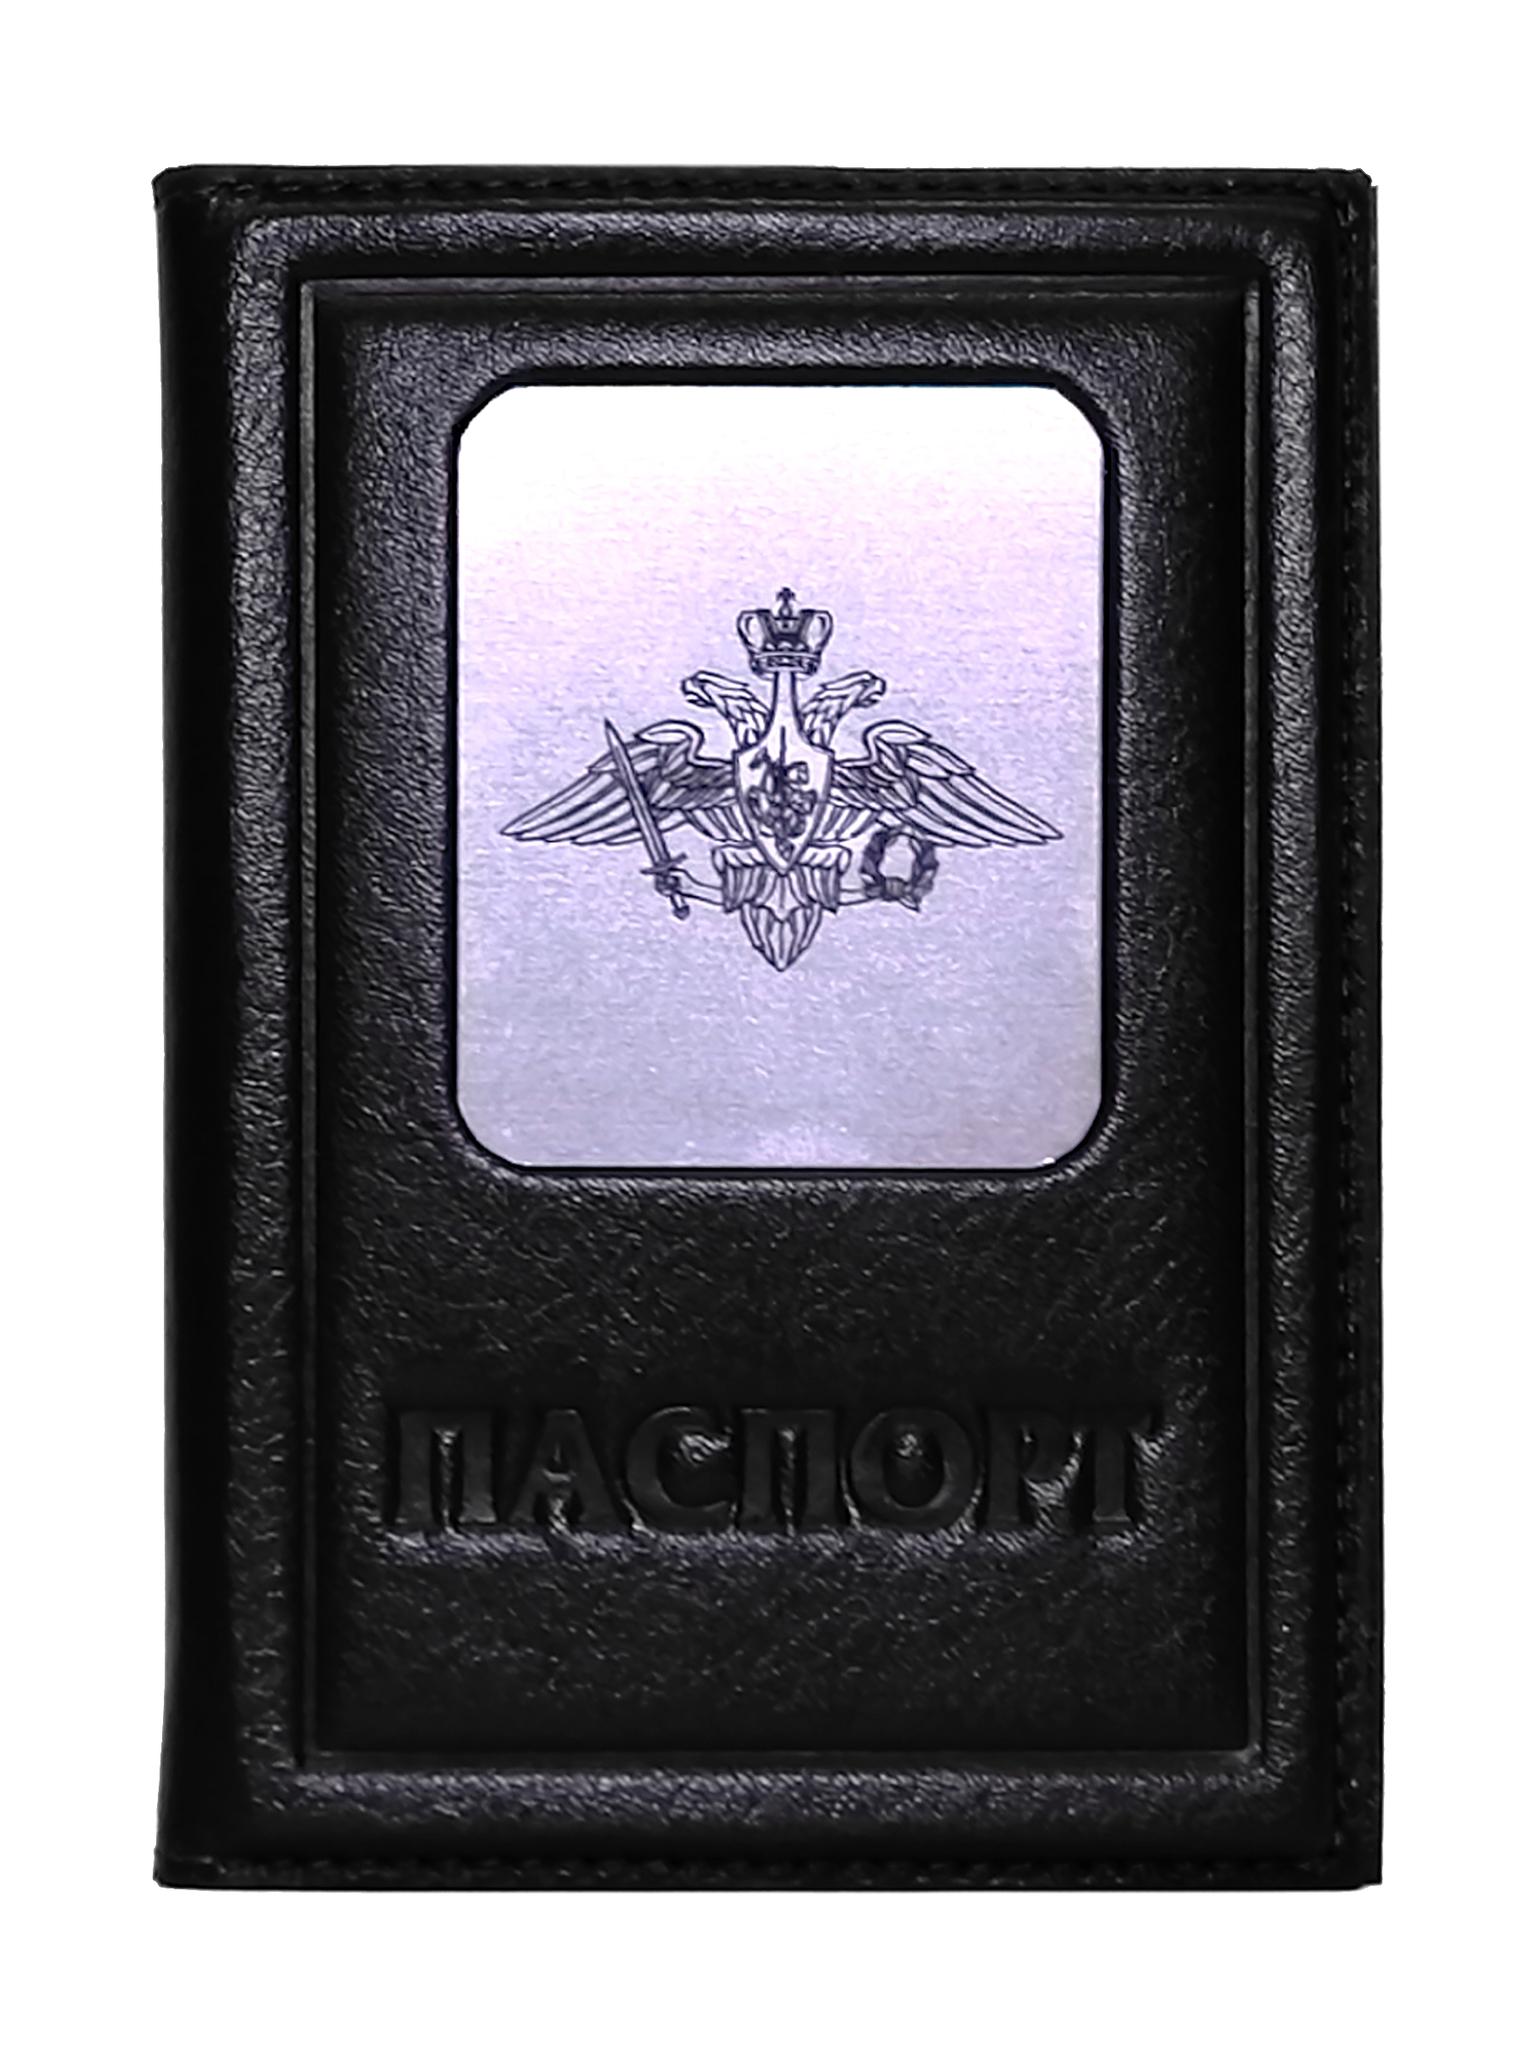 Обложка на паспорт   Герб вооруженных сил РФ   Чёрный